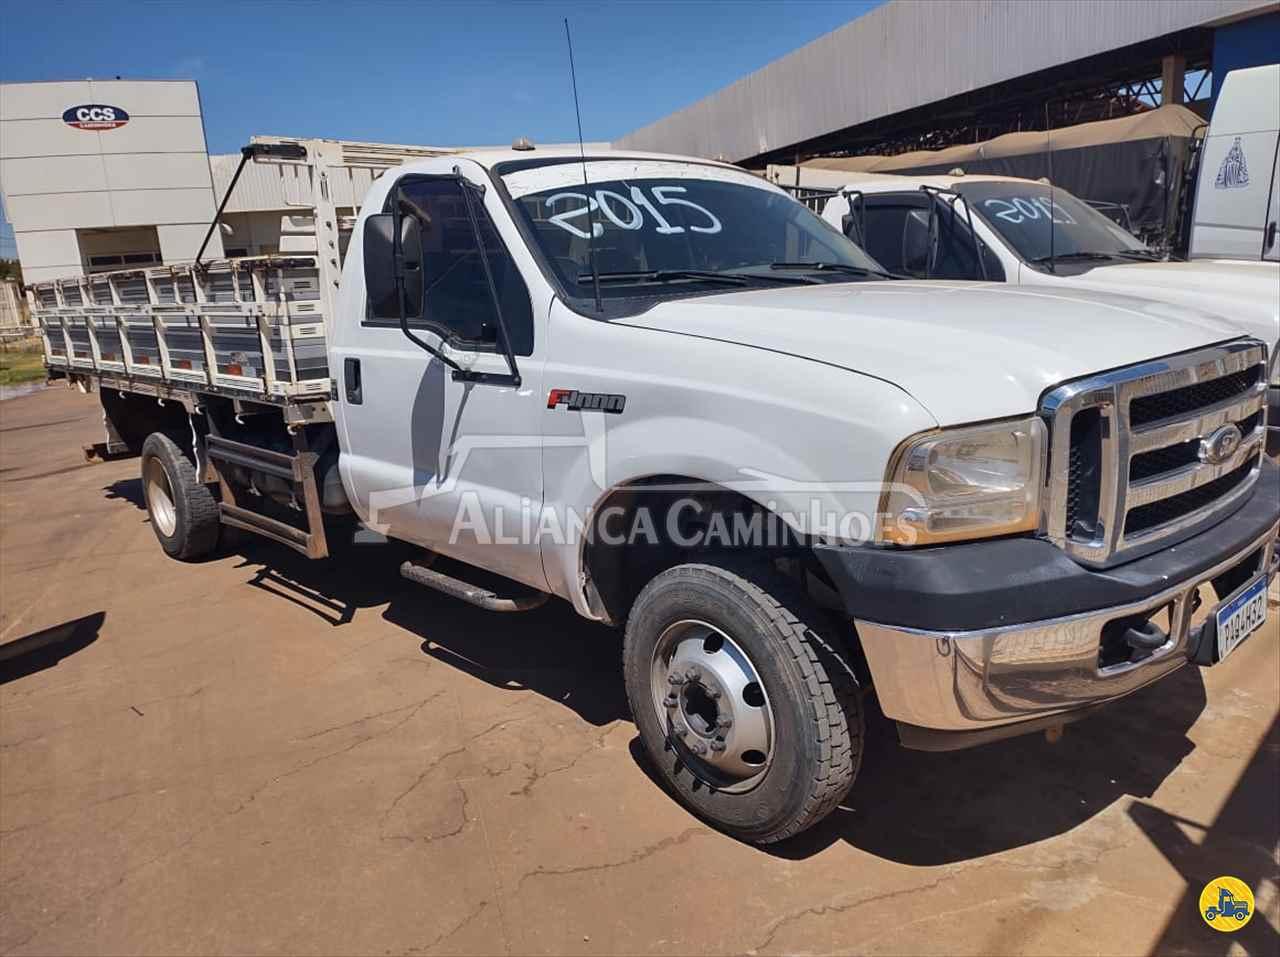 F4000 de Aliança Caminhões - LUIS EDUARDO MAGALHAES/BA